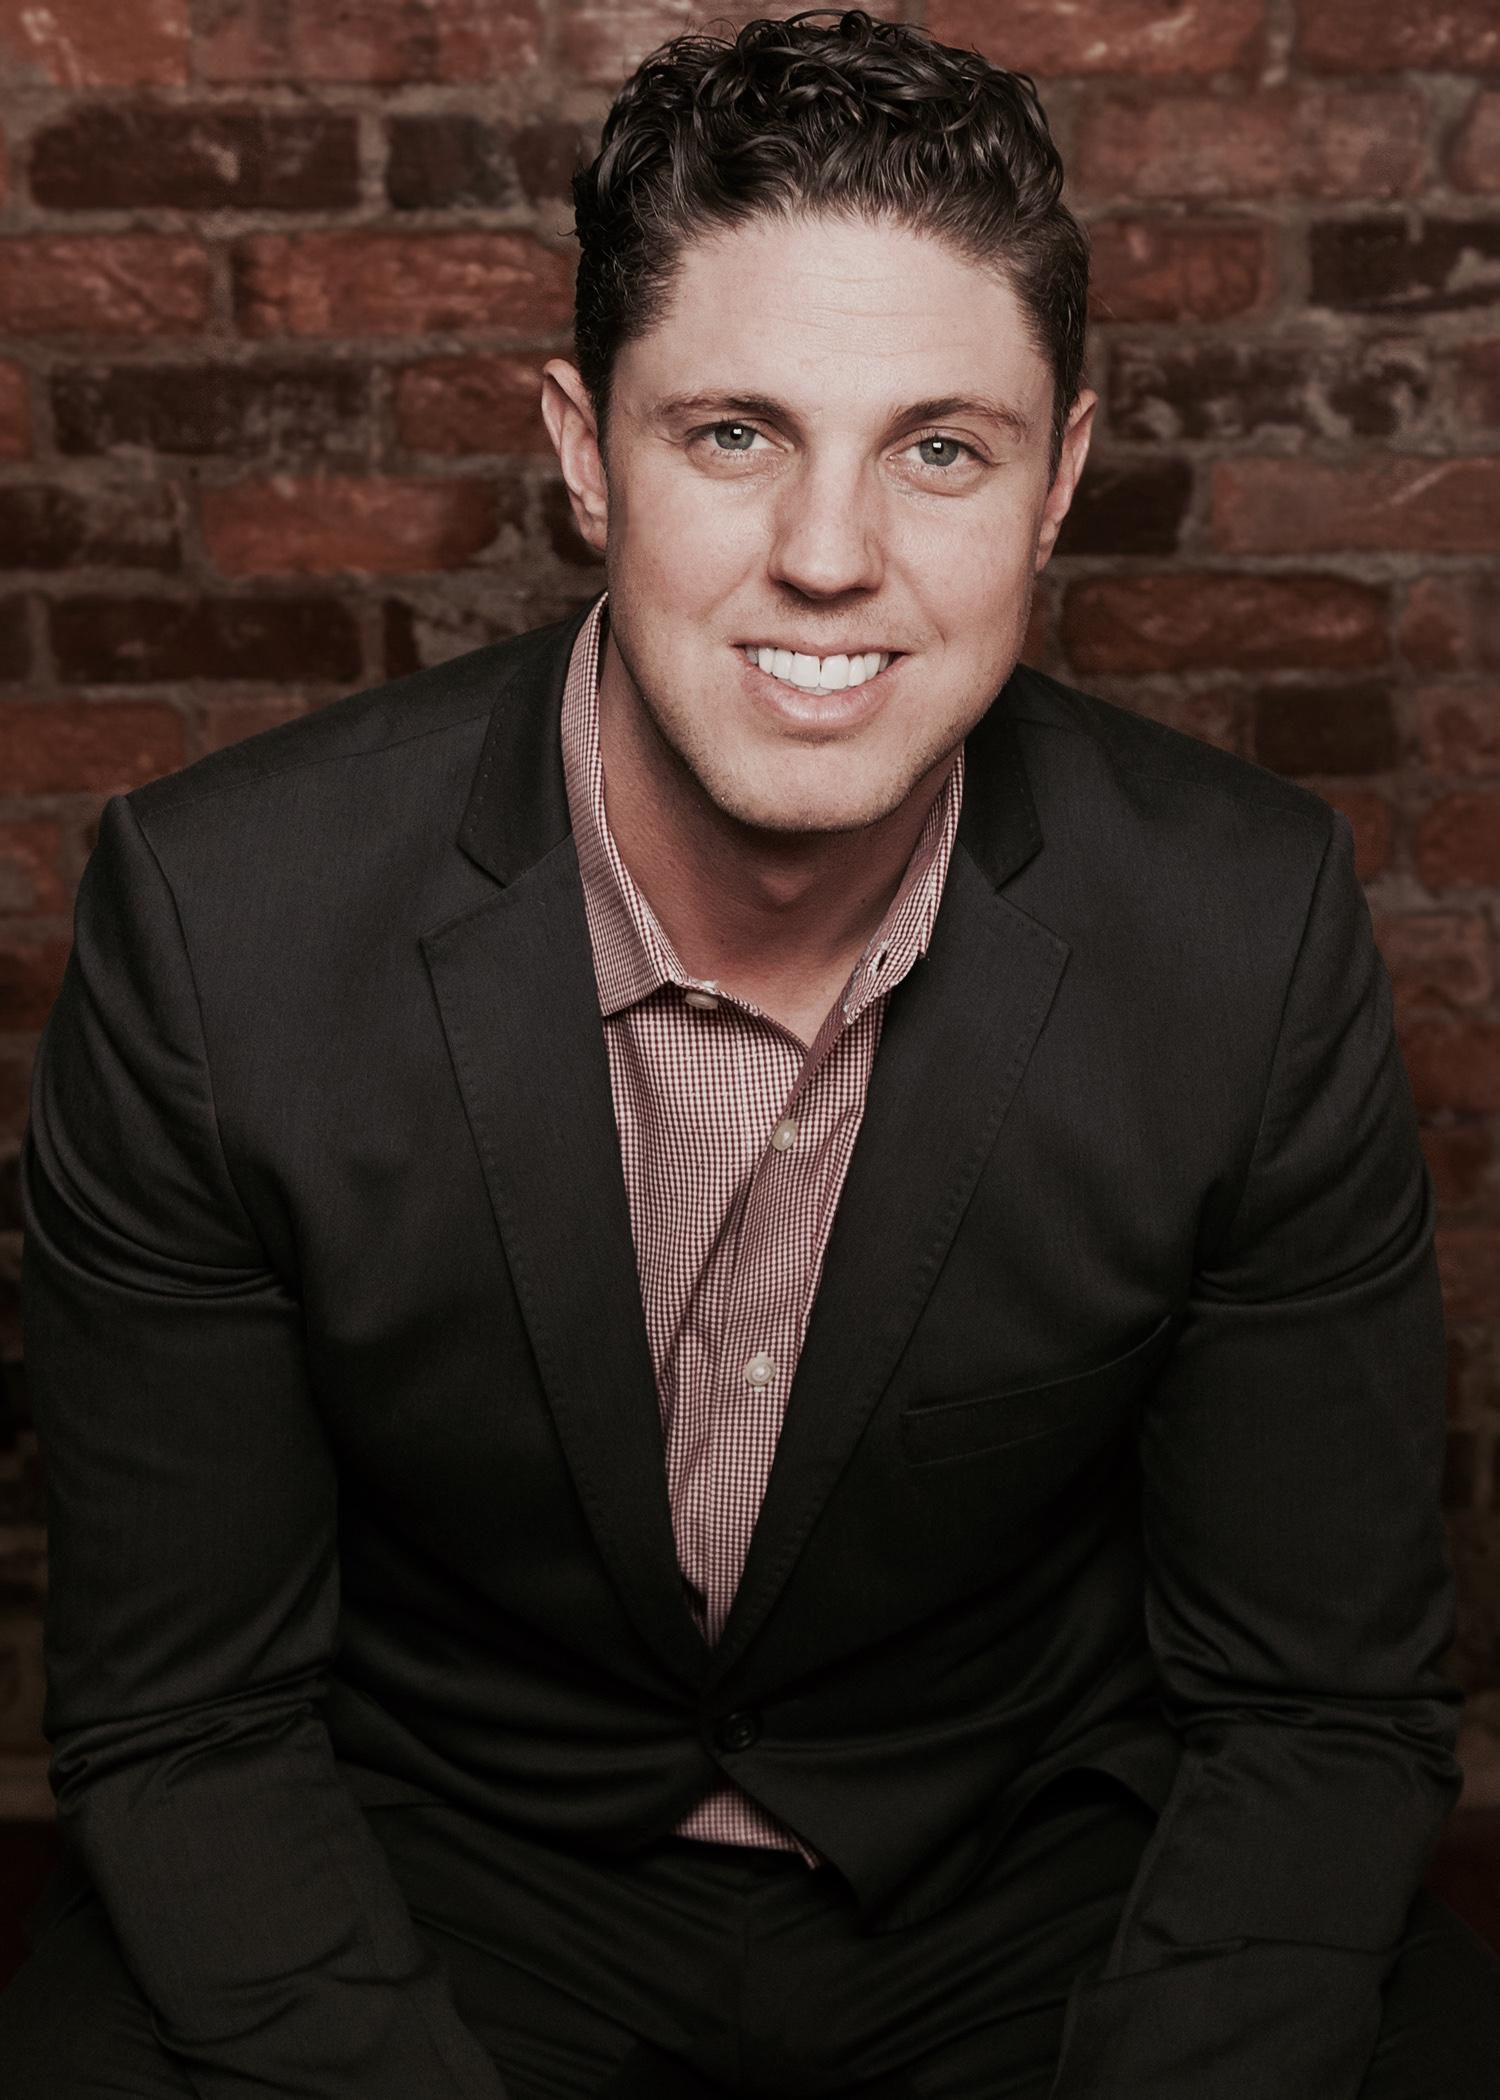 Josh Mastel